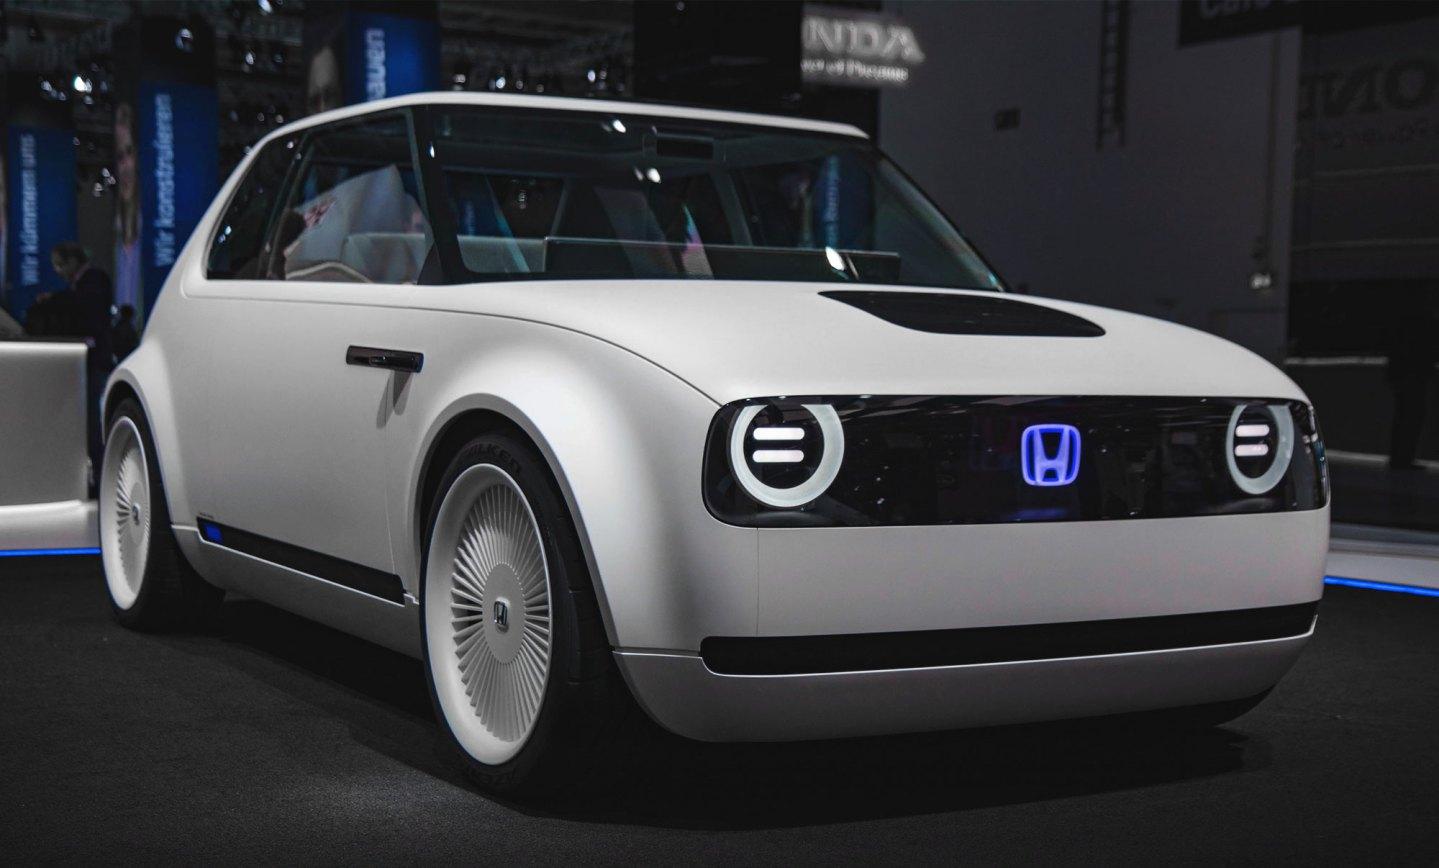 Com design retrô, Honda apresenta elétrico